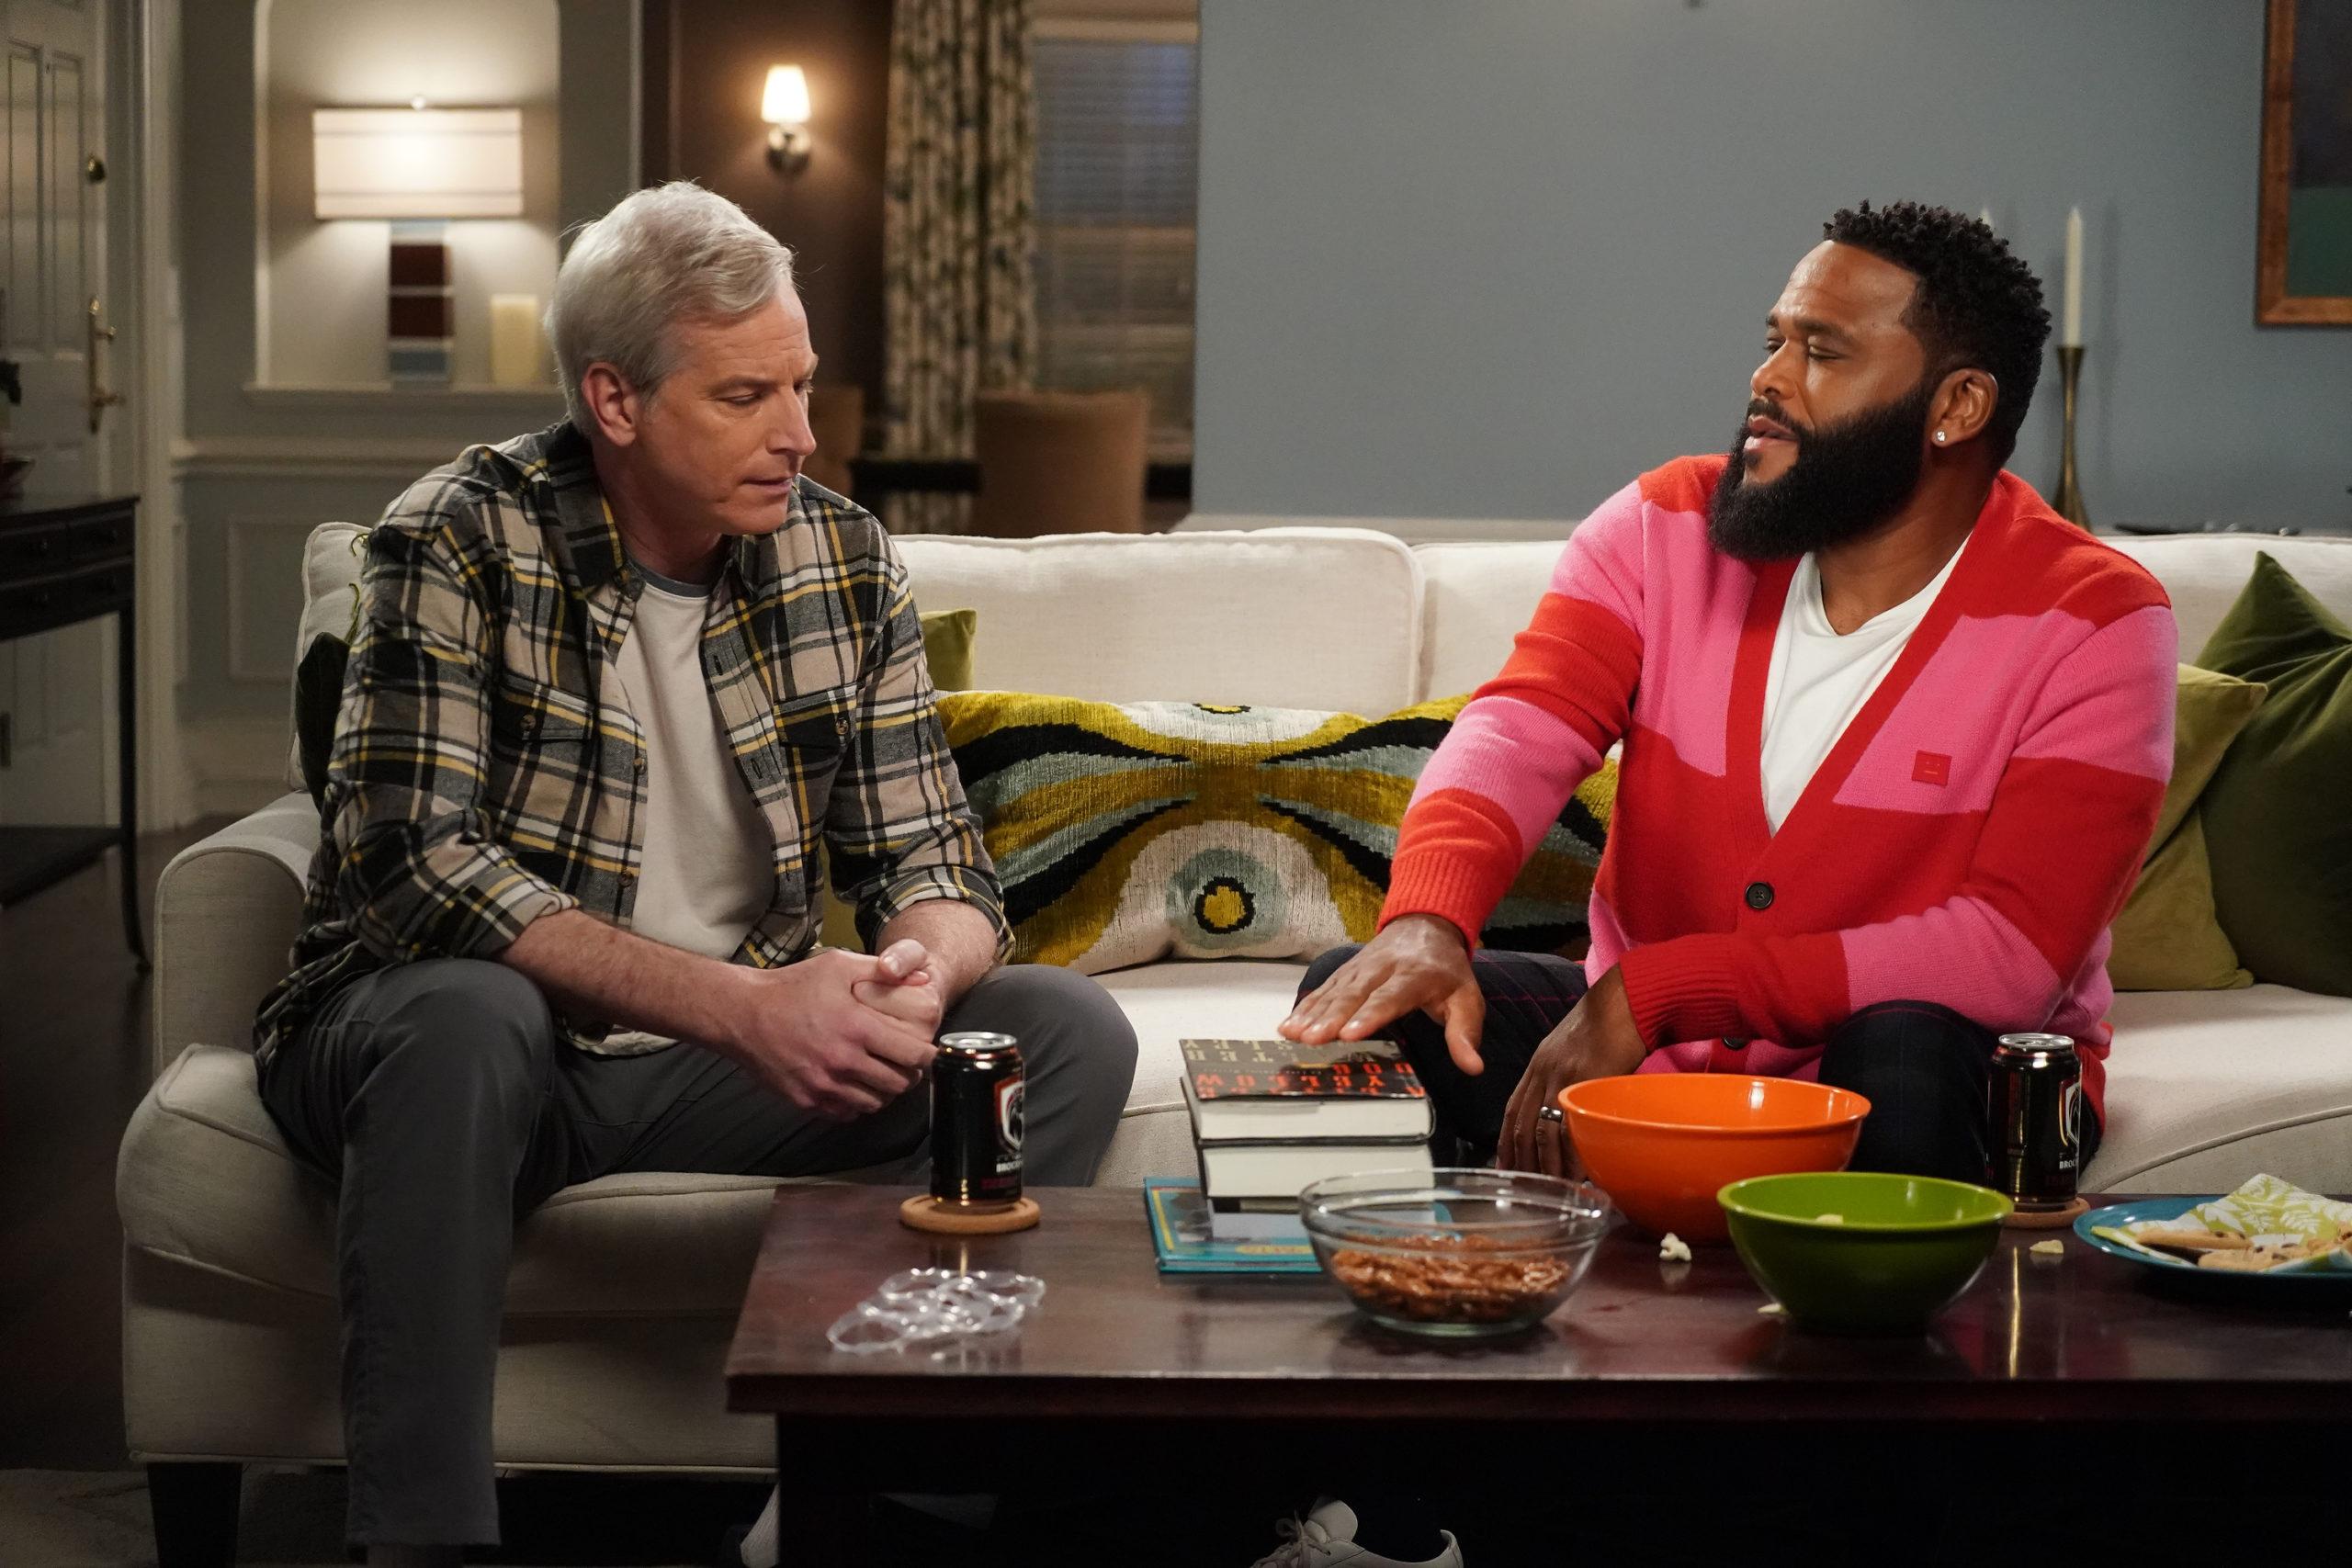 Cena de black-ish. Nela está dois homens sentados em um sofá branco com almofadas verdes. O da esquerda é branco, de cabelo cinza, e veste uma calça jeans junto a uma blusa branca com uma camisa xadrez verde por cima. Ao seu lado, na direita, o homem é negro e usa blusa listrada rosa e vermelho. Em sua frente está uma mesa de madeira escura com bebidas, comidas e livros, onde o homem da direita apoia a mão.